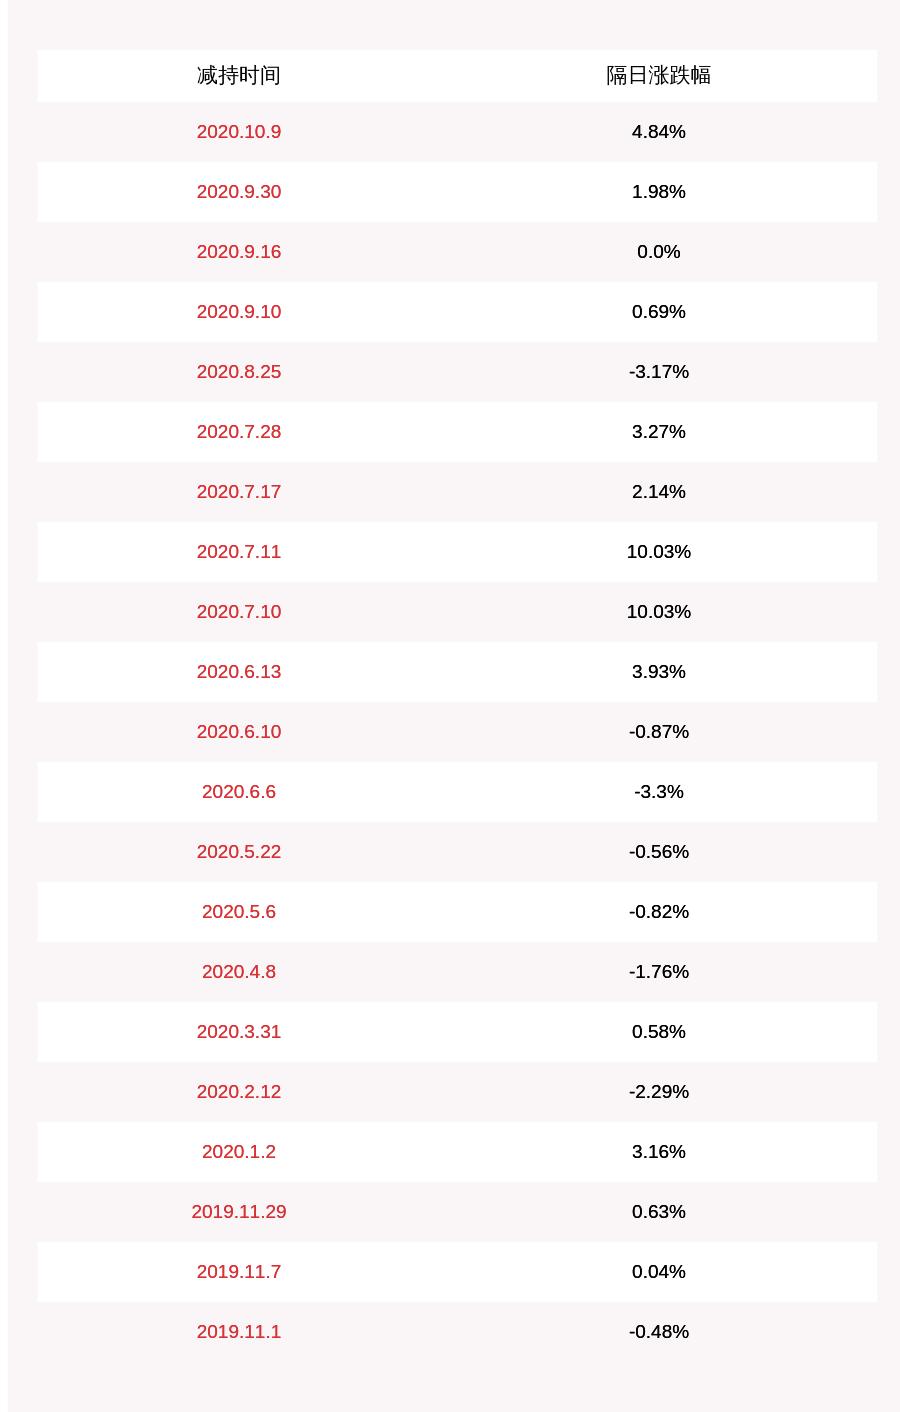 易尚展示:向开兵减持约44万股 不再是持股5%以上股东